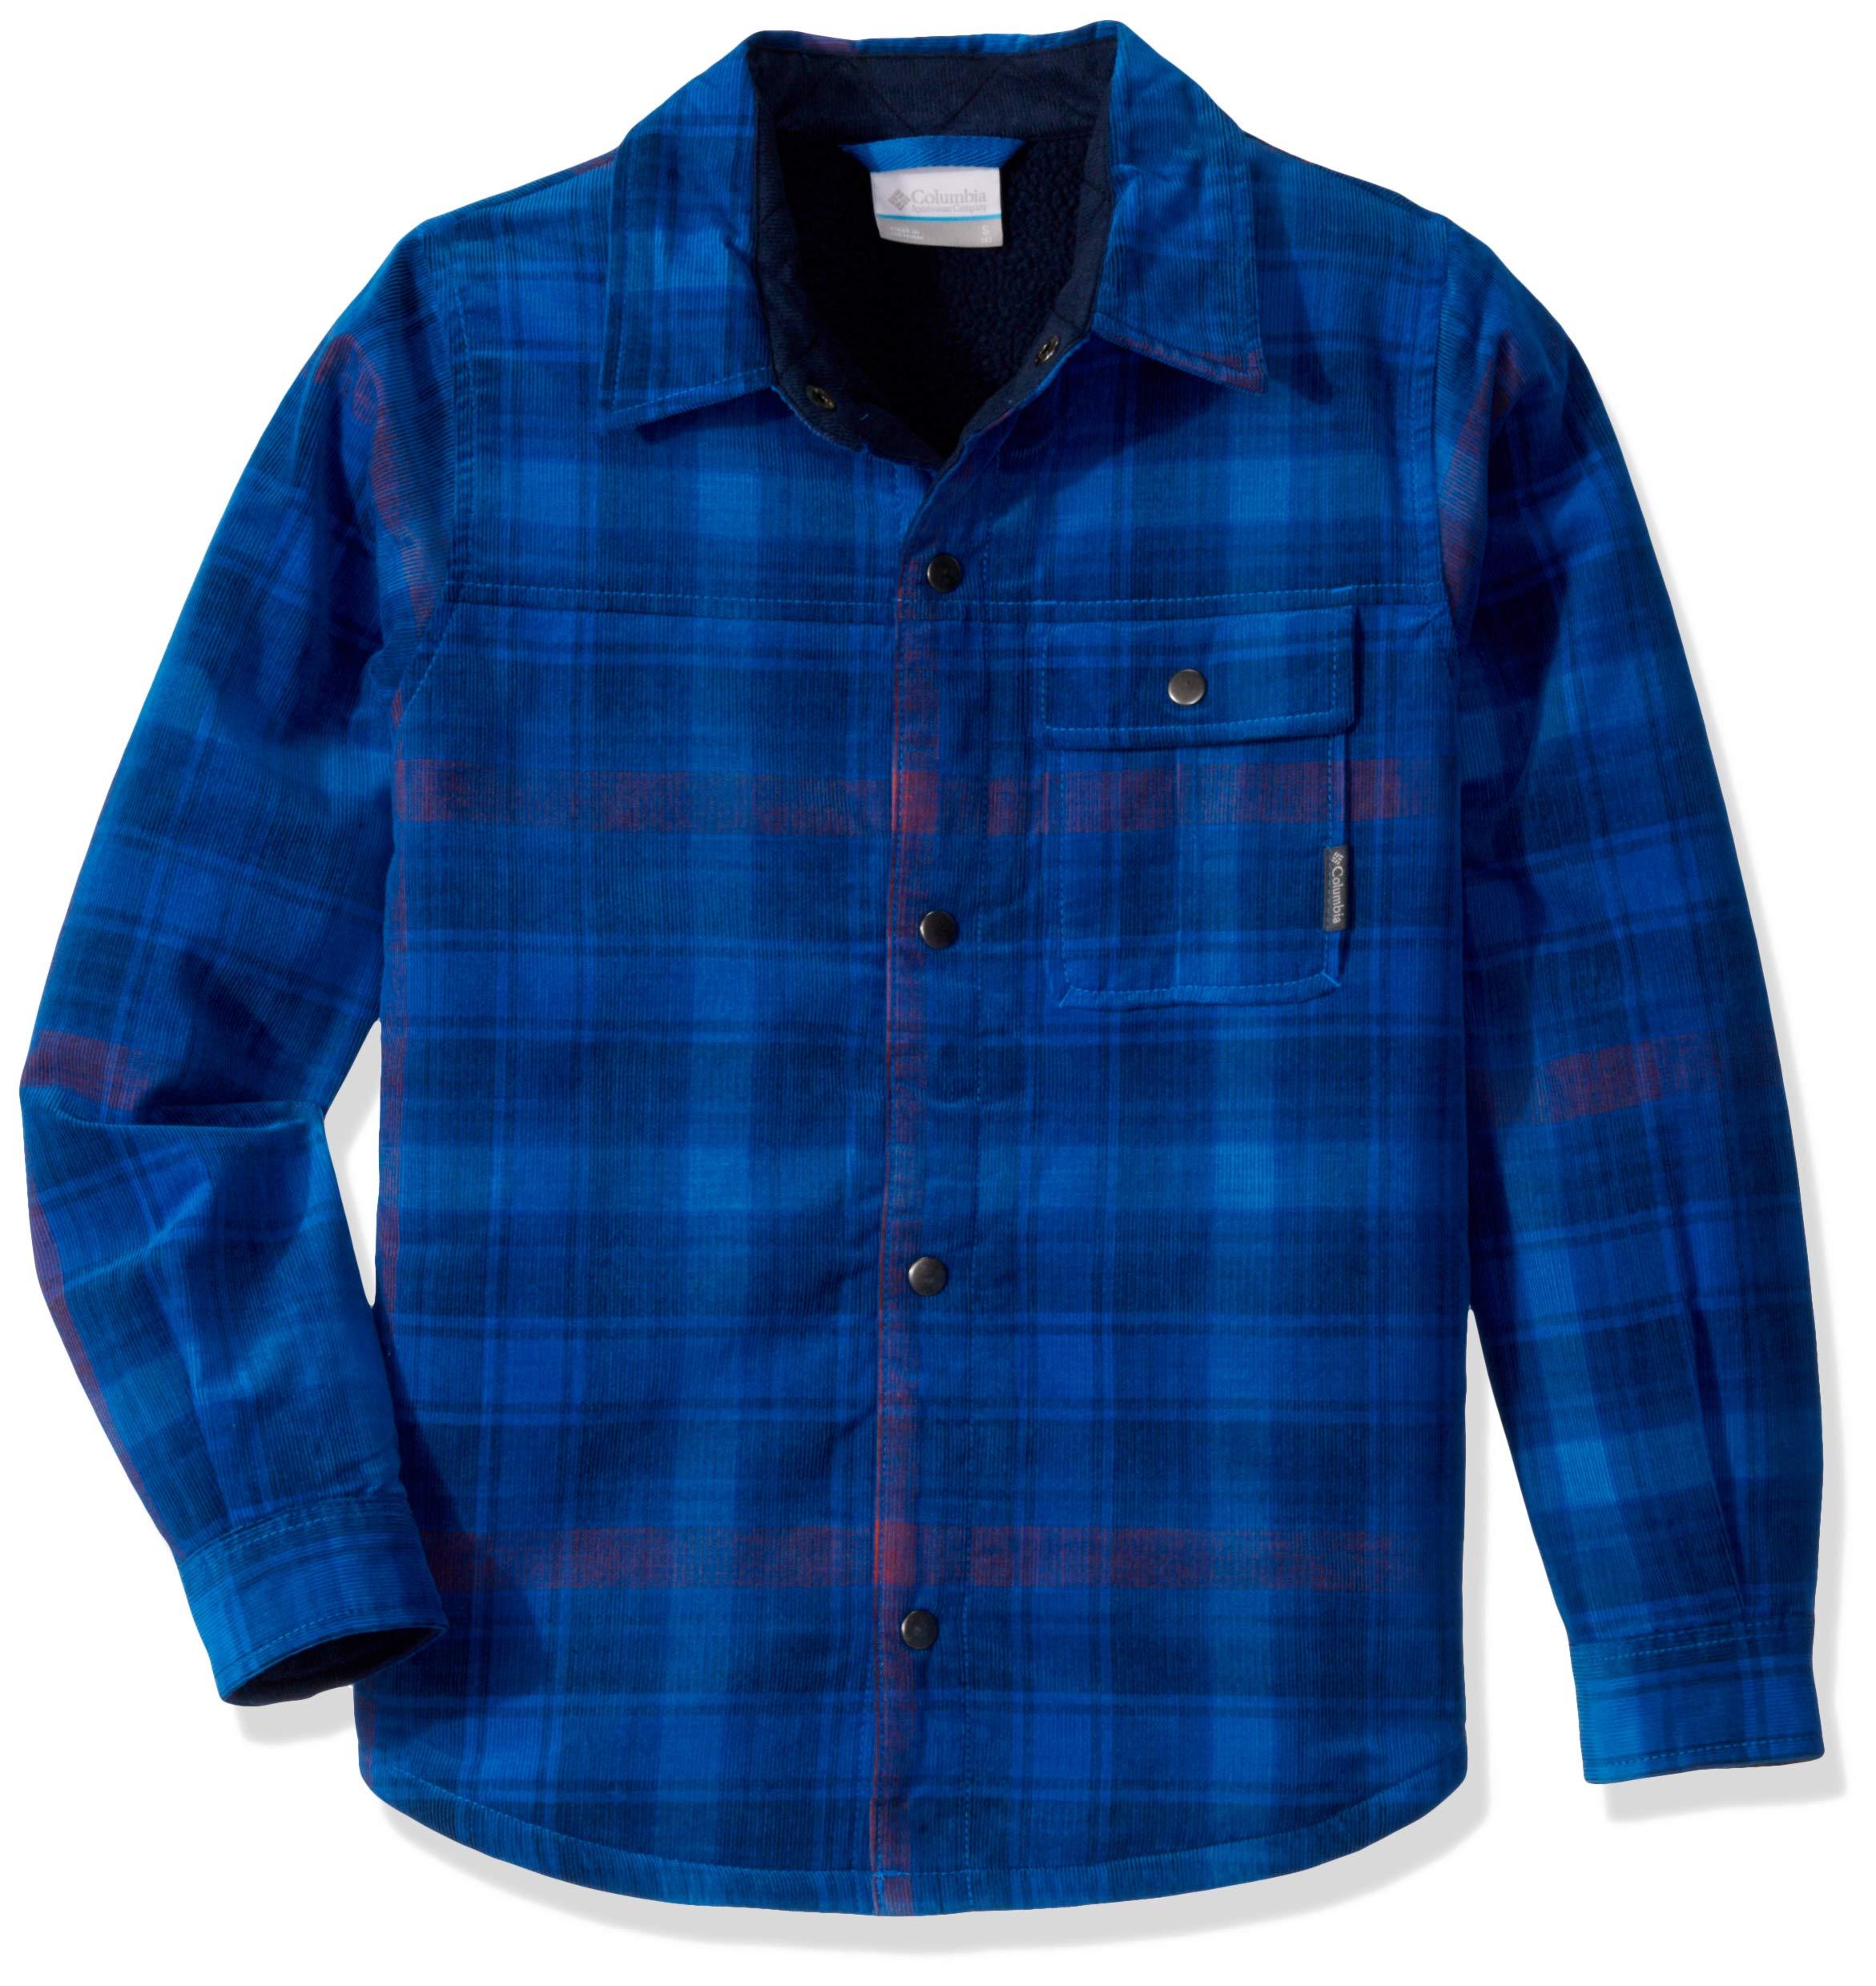 Columbia Boys' Big WindwardShirt Jacket, Super Blue Plaid, Large by Columbia